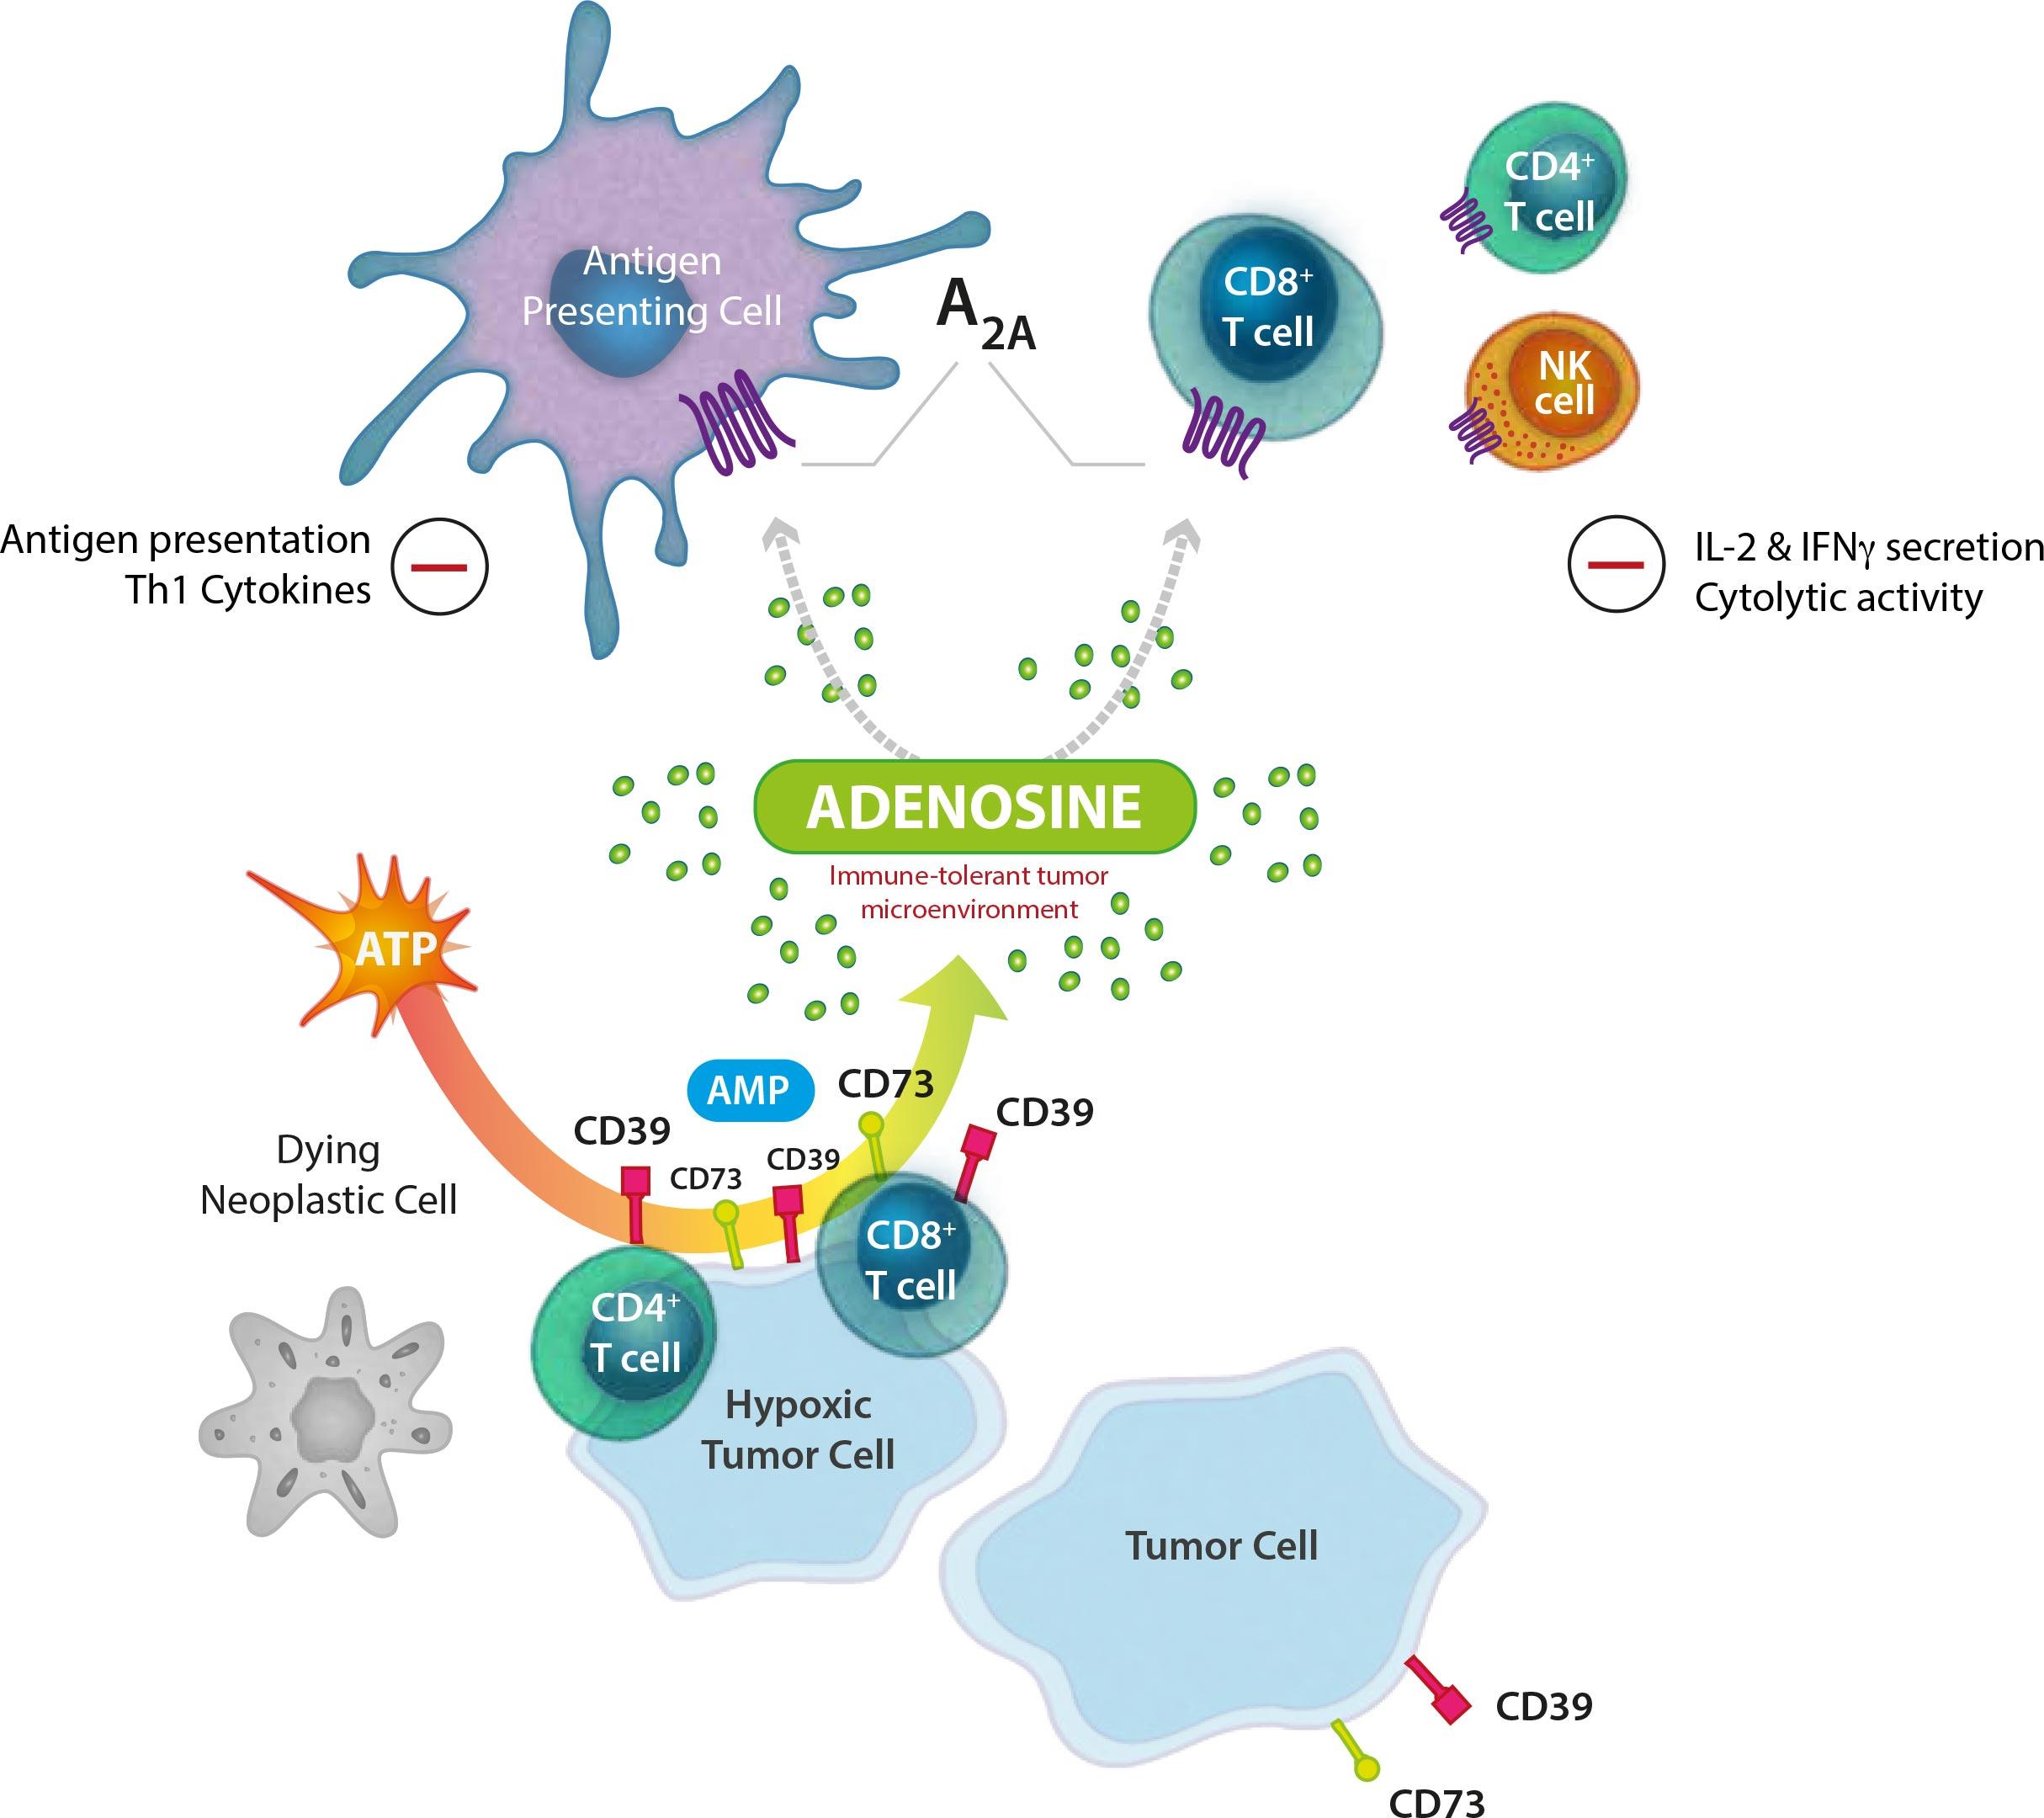 adenosine a2a receptor antagonist - Pfizer отказалась от противоракового IDO1-ингибитора